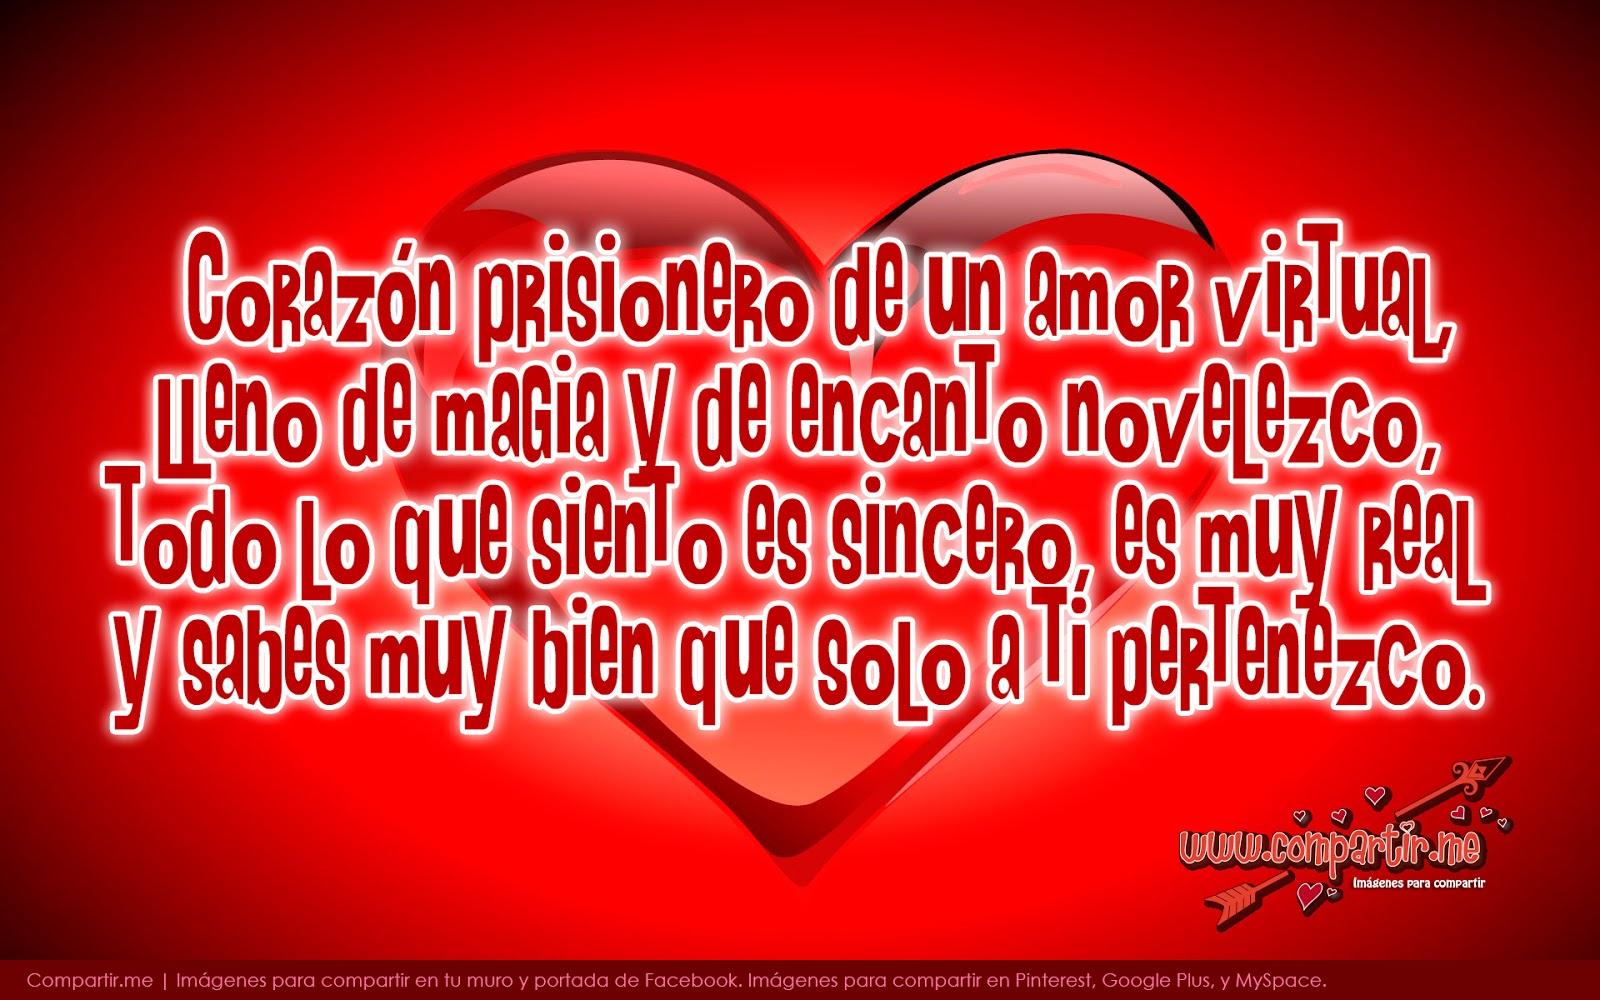 Frases Románticas De Amor De Corazón Para Dedicar: Mensagens Do Fundo Do Coração Para Quem Está Amando